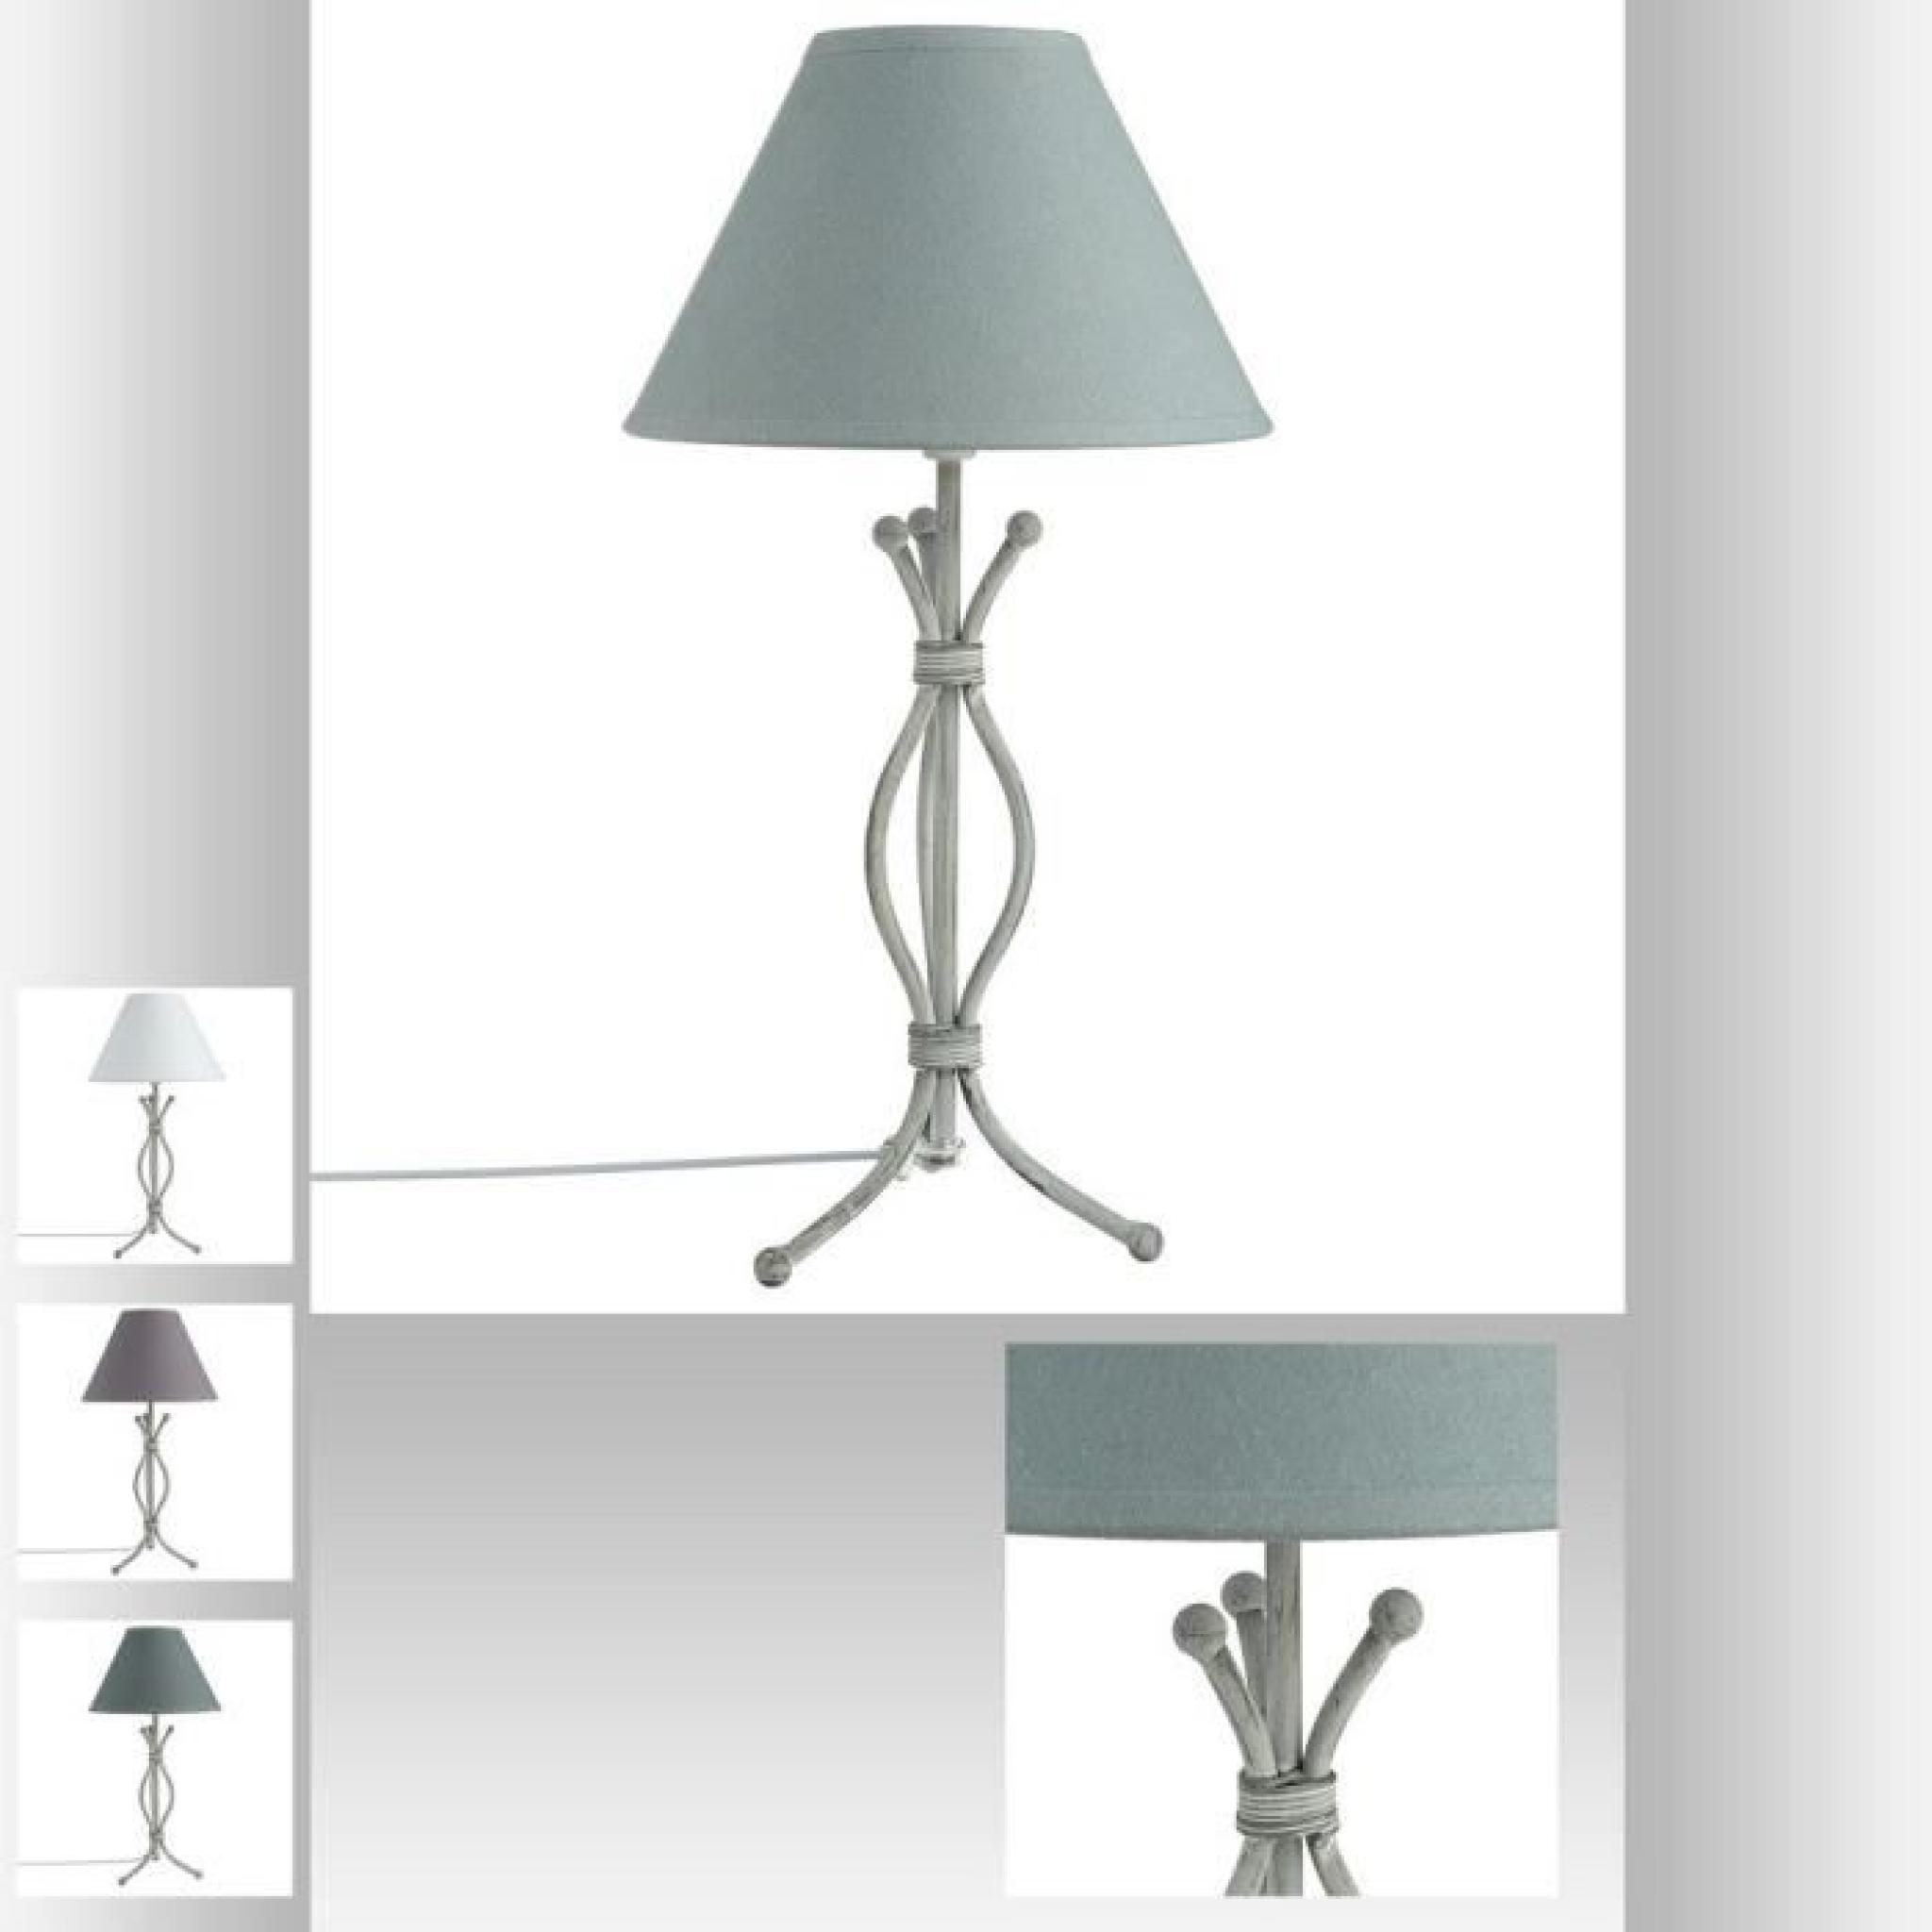 Lampe 45cm pieds m tal torsad blanc avec abat jour gris for Lampe a pied pas cher